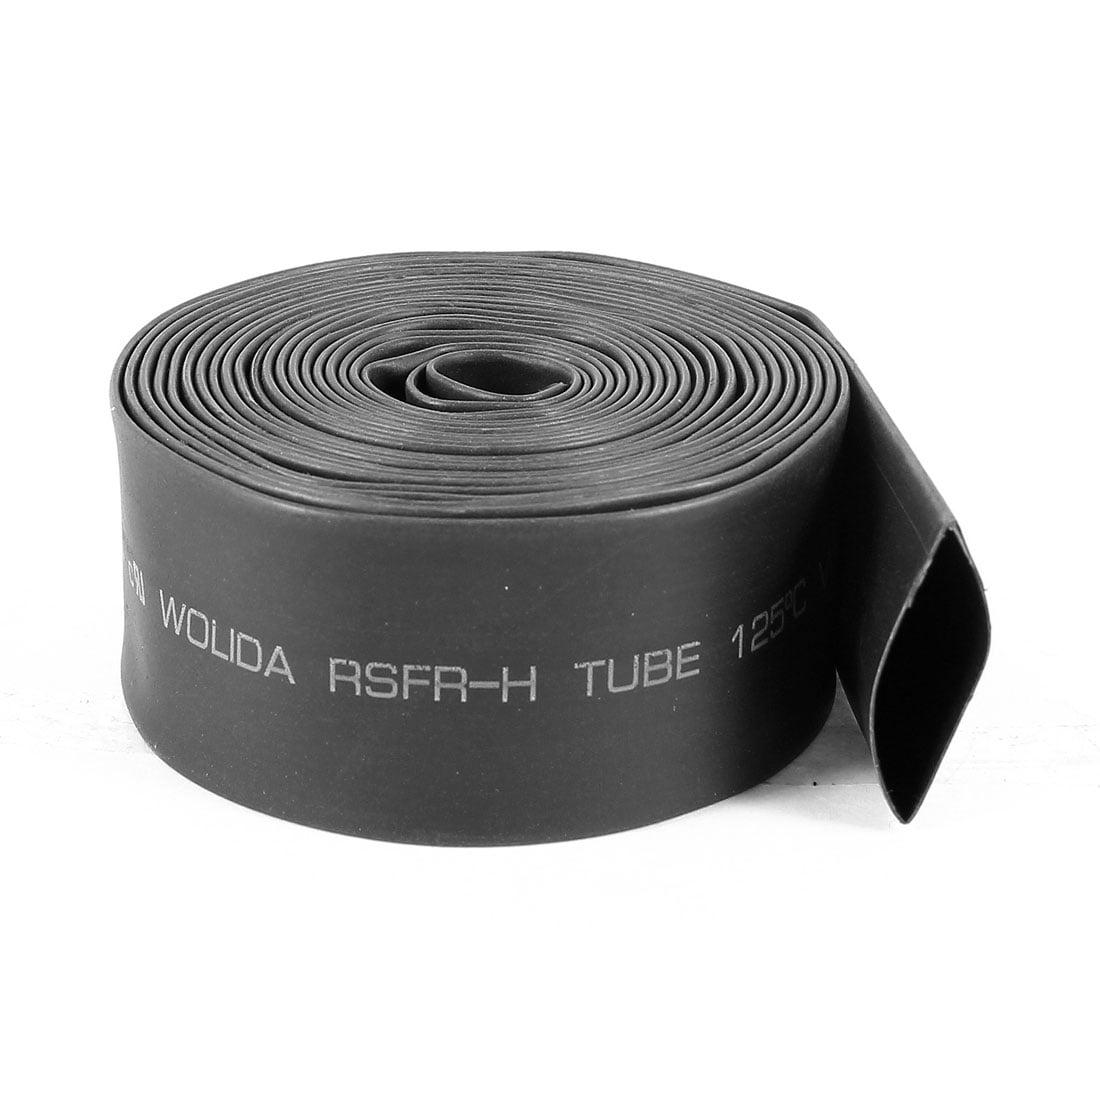 10Ft 18mm Diameter Heat Shrinkable Tube Shrink Tubing Black